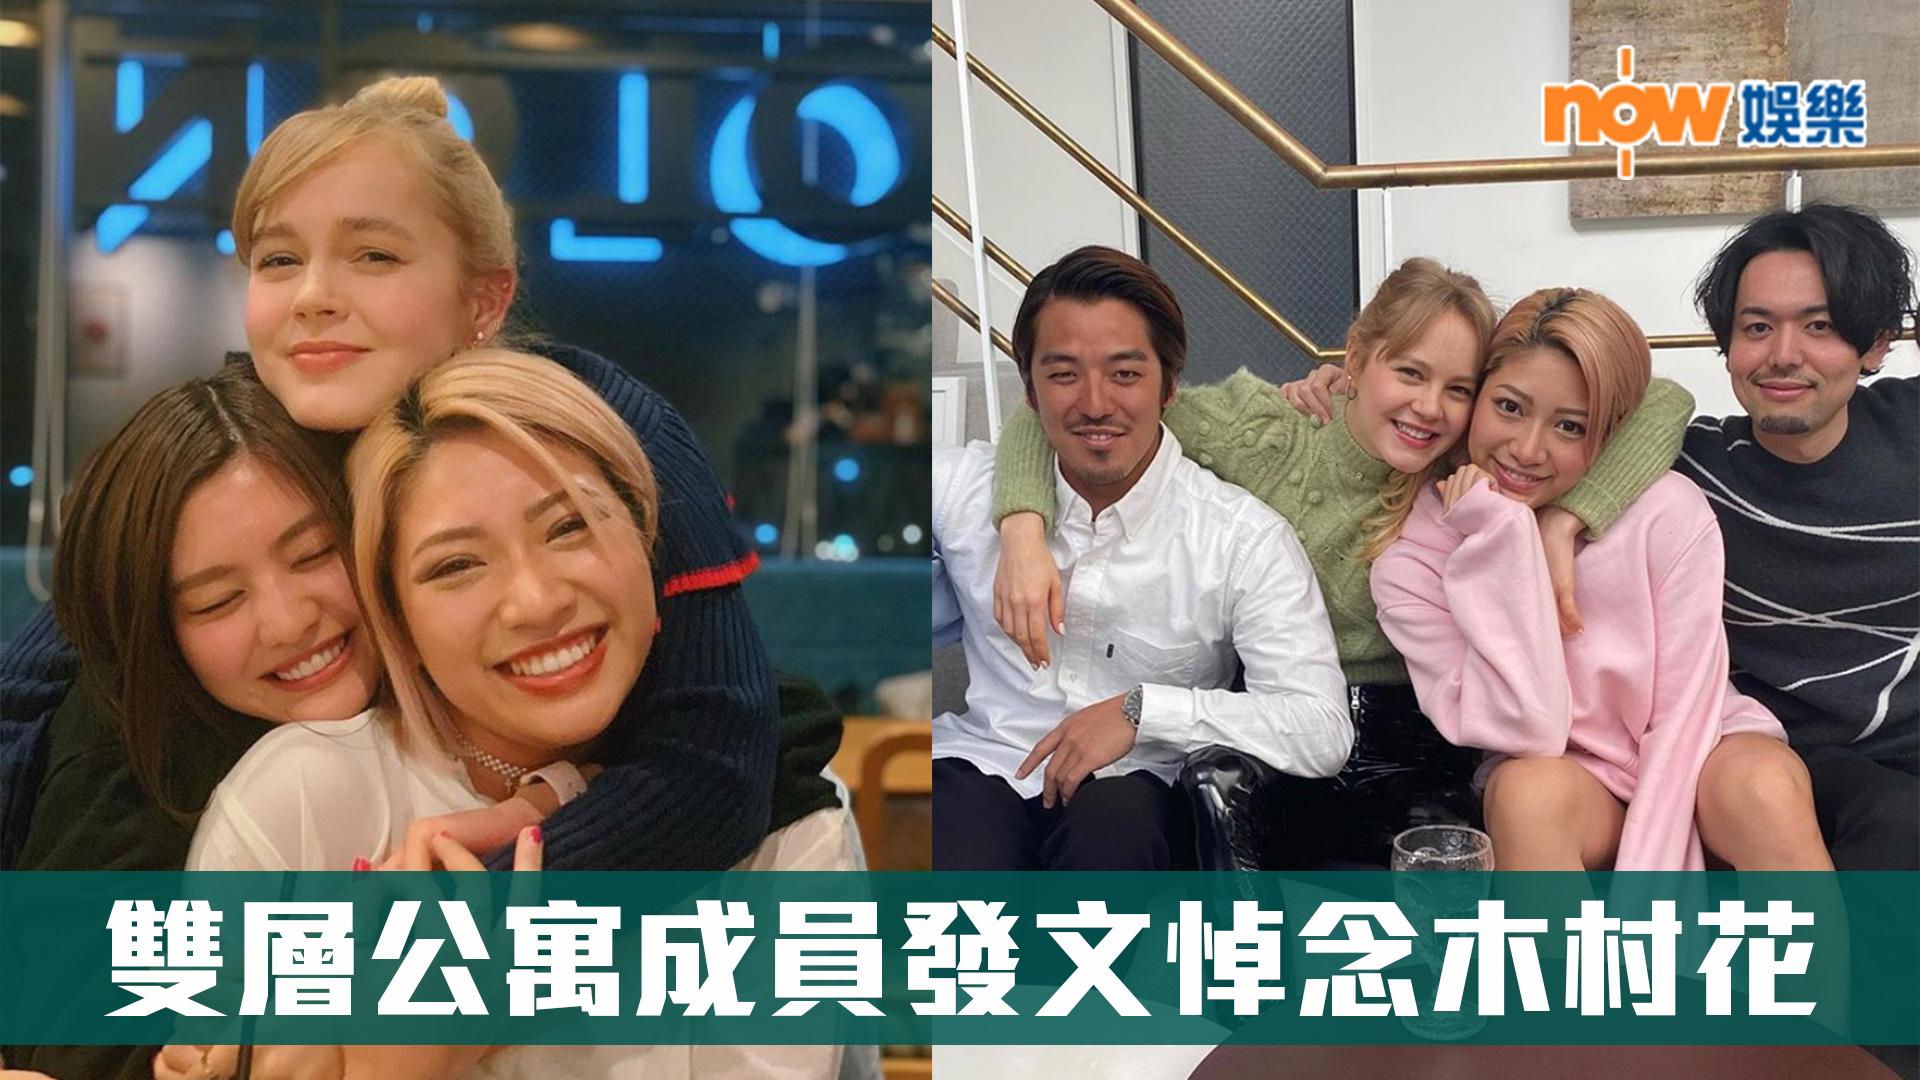 【雙層公寓】摔角手木村花輕生亡 成員發文悼念